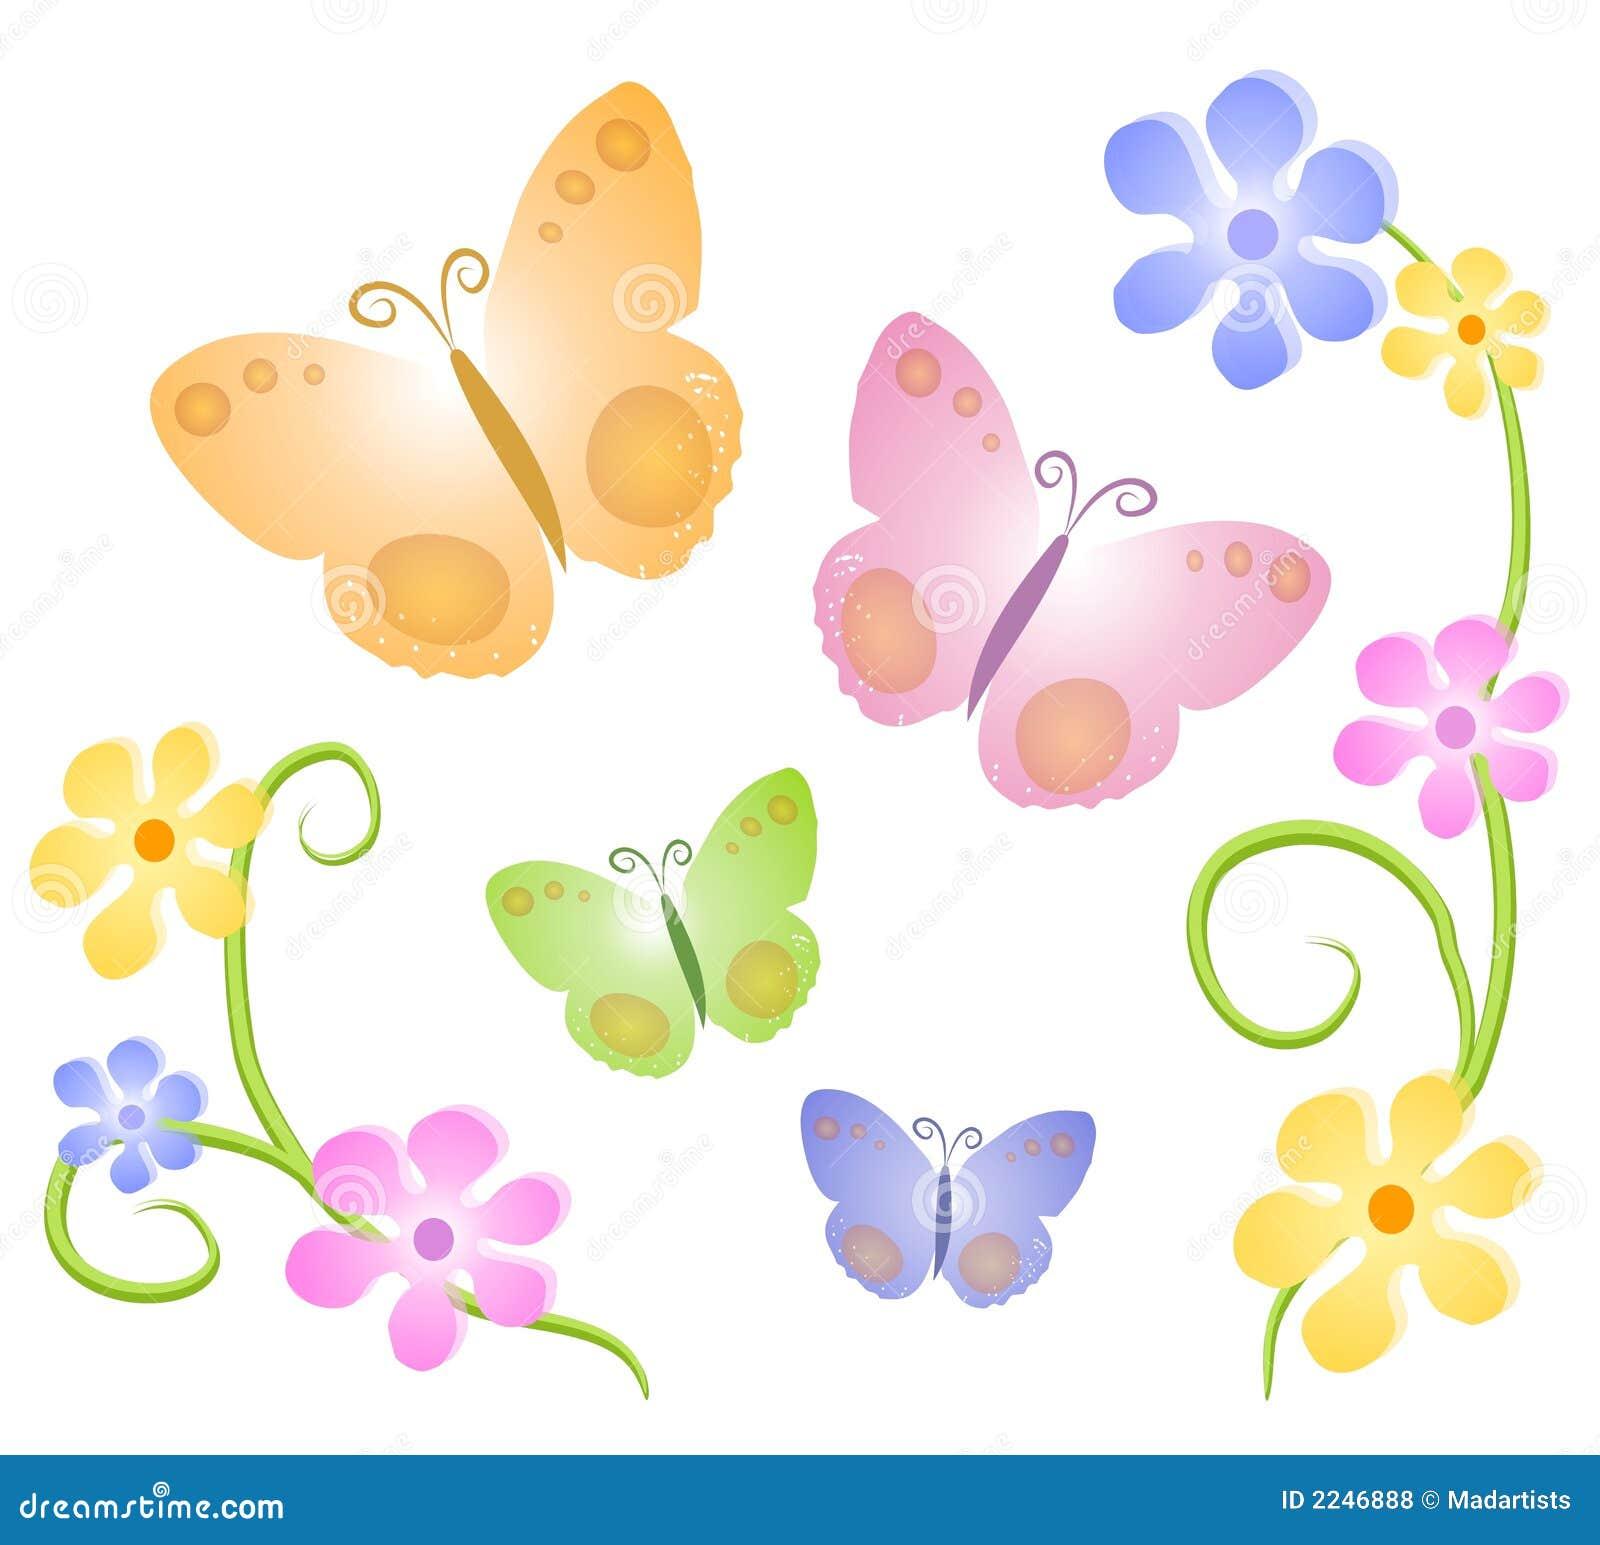 Butterflies Flowers Clip Art 2 Butterfly Flower Clipart